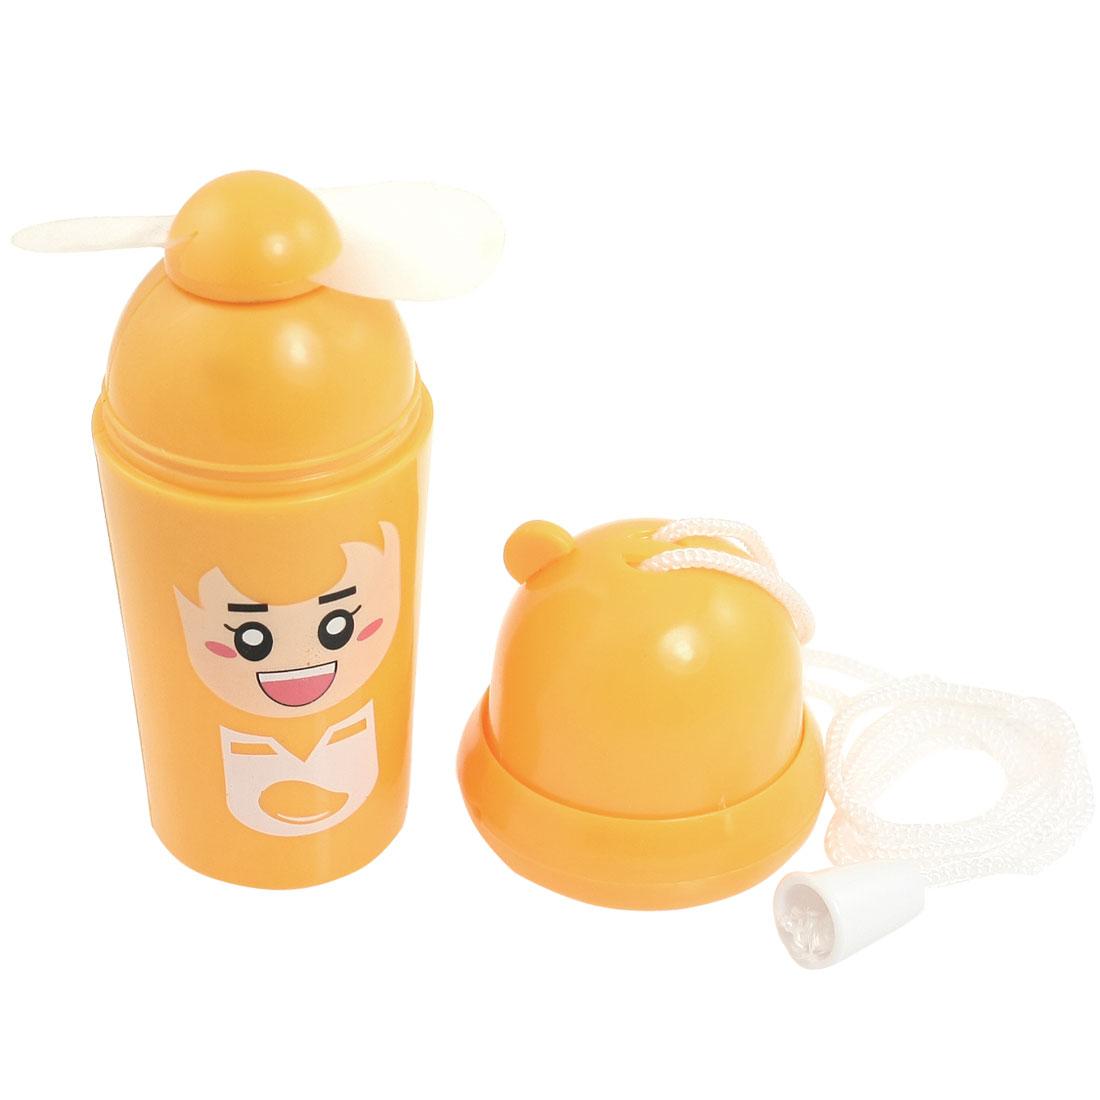 Orange Plastic Ice Cream Cone Shaped Electronic Mini Fan + Neck Strap